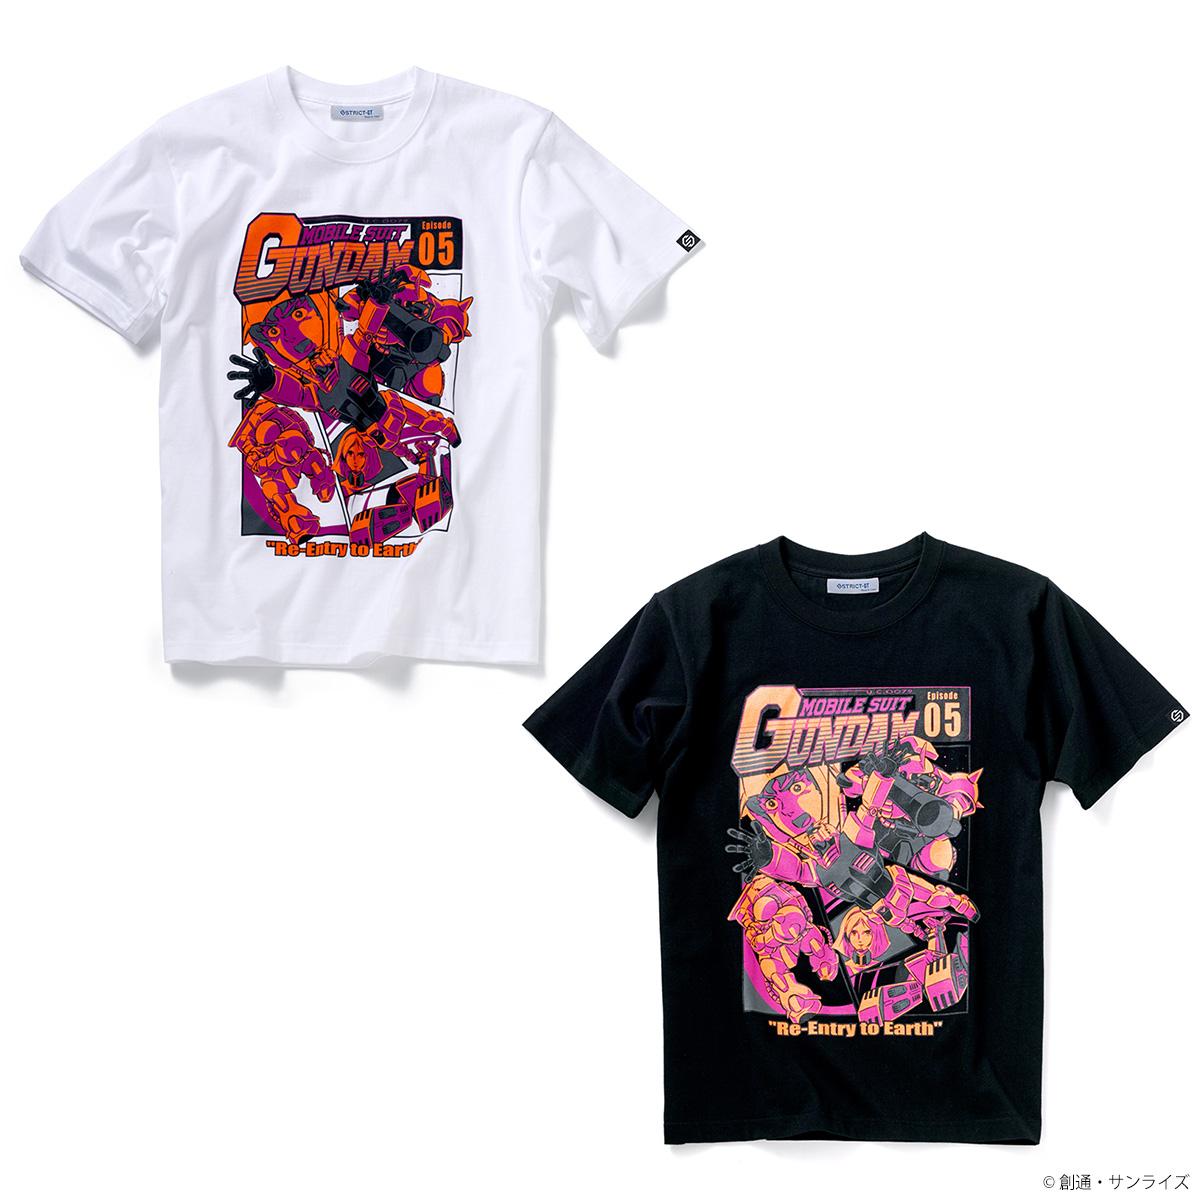 『機動戦士ガンダム』EPISODE Tシャツシリーズ第二弾発売!